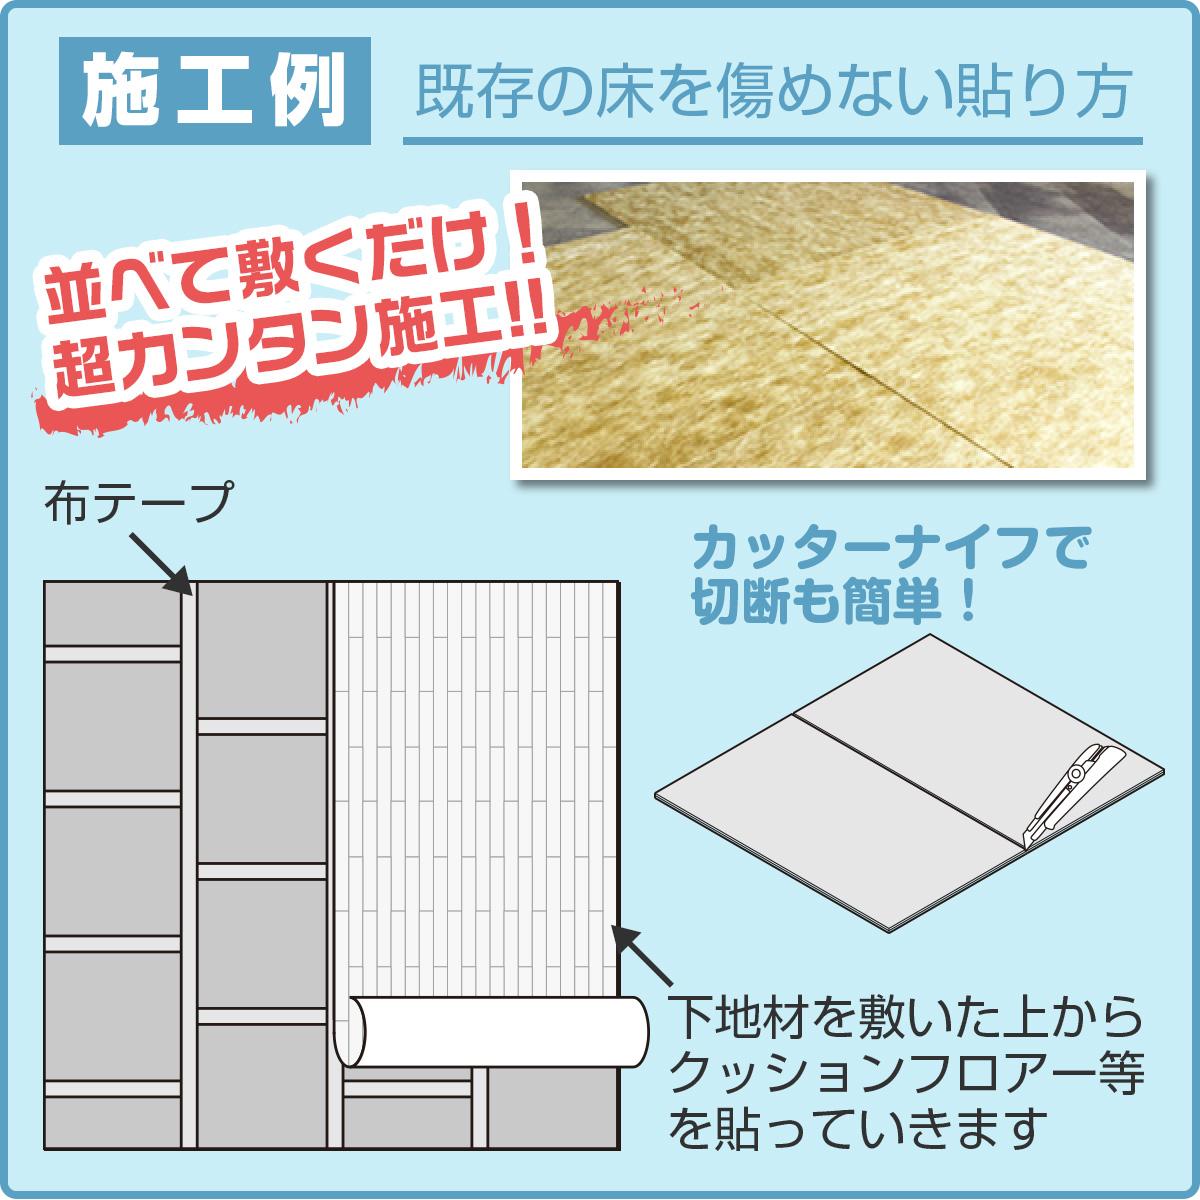 施工例 既存の床を傷めない貼り方 並べて敷くだけ 超カンタン施工 カッターナイフで切断も簡単 下地材を敷いた上からクッションフロアー等を貼っていきます